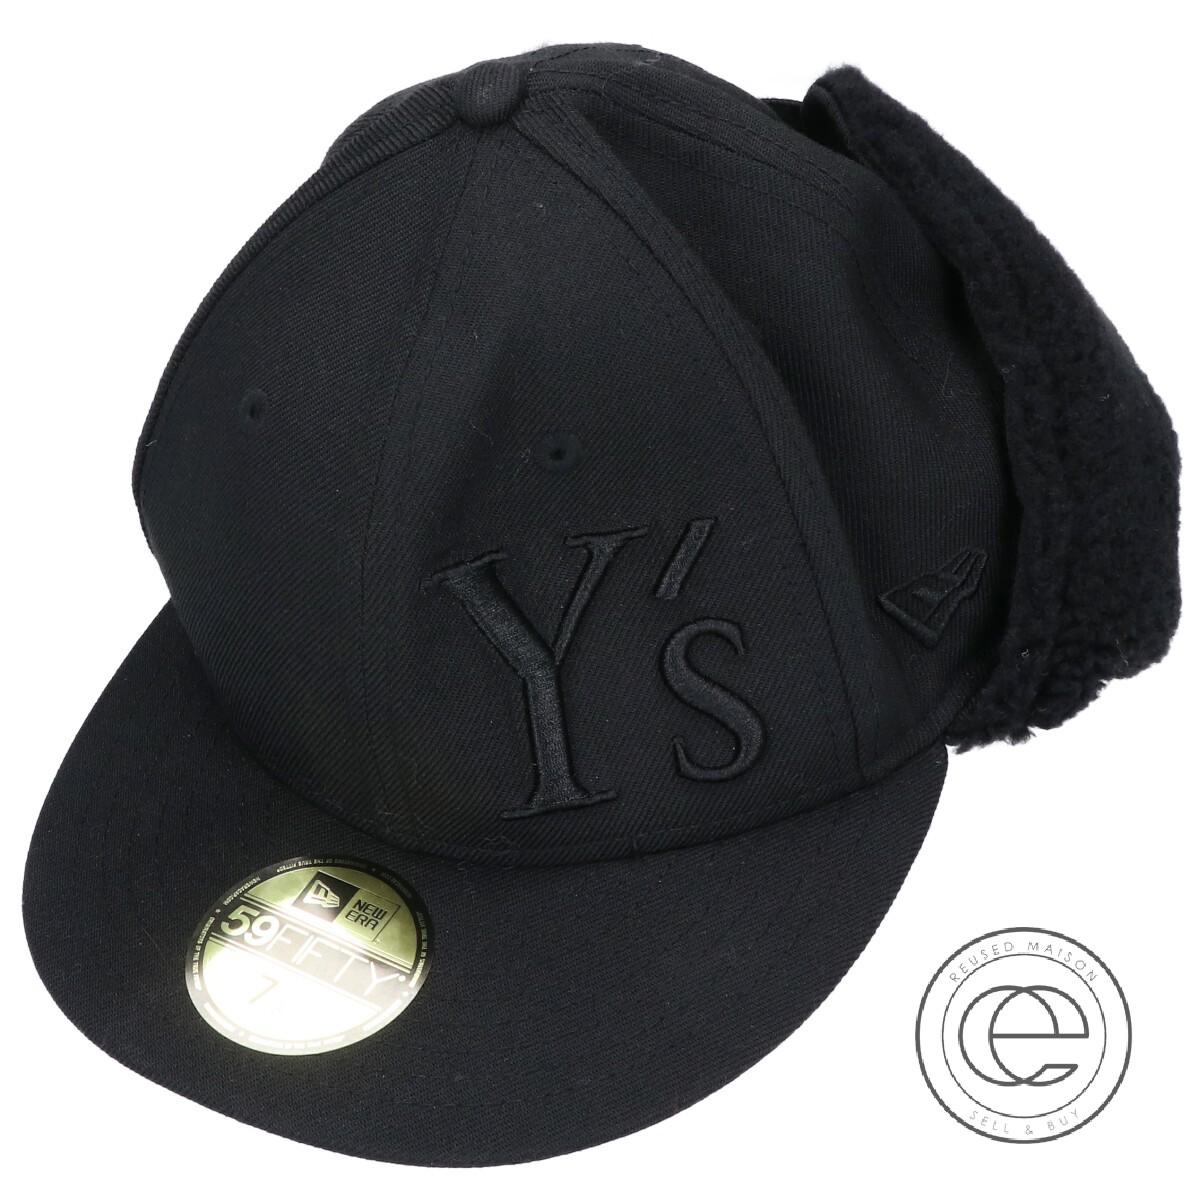 帽子 【未使用◎】xNEW LOGO 1/8 Y's ワイズ DOGEAR メンズ ブラック 11554418 YS 7 ERAニューエラ CAP ドッグイヤーワイズロゴキャップ 【中古】